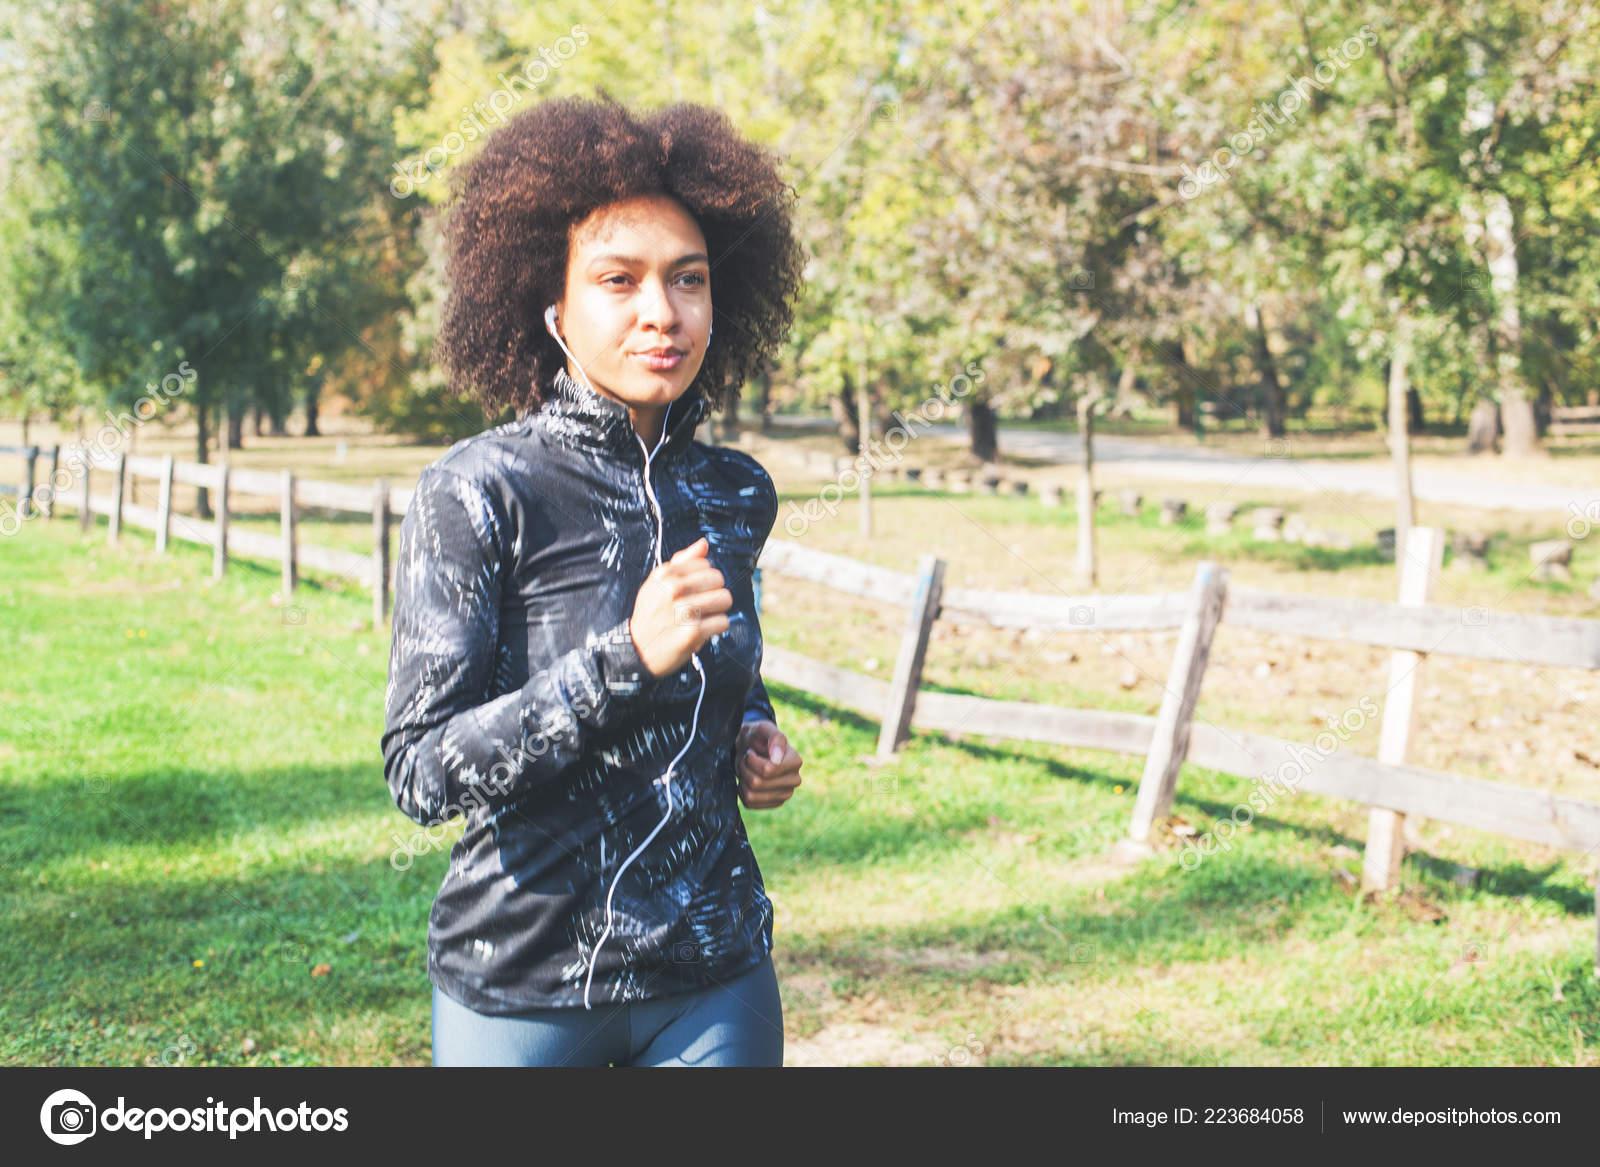 Activité Saine Dans Parc Femme Africaine Fitness Footing Champs ... 9ccb1f1d161